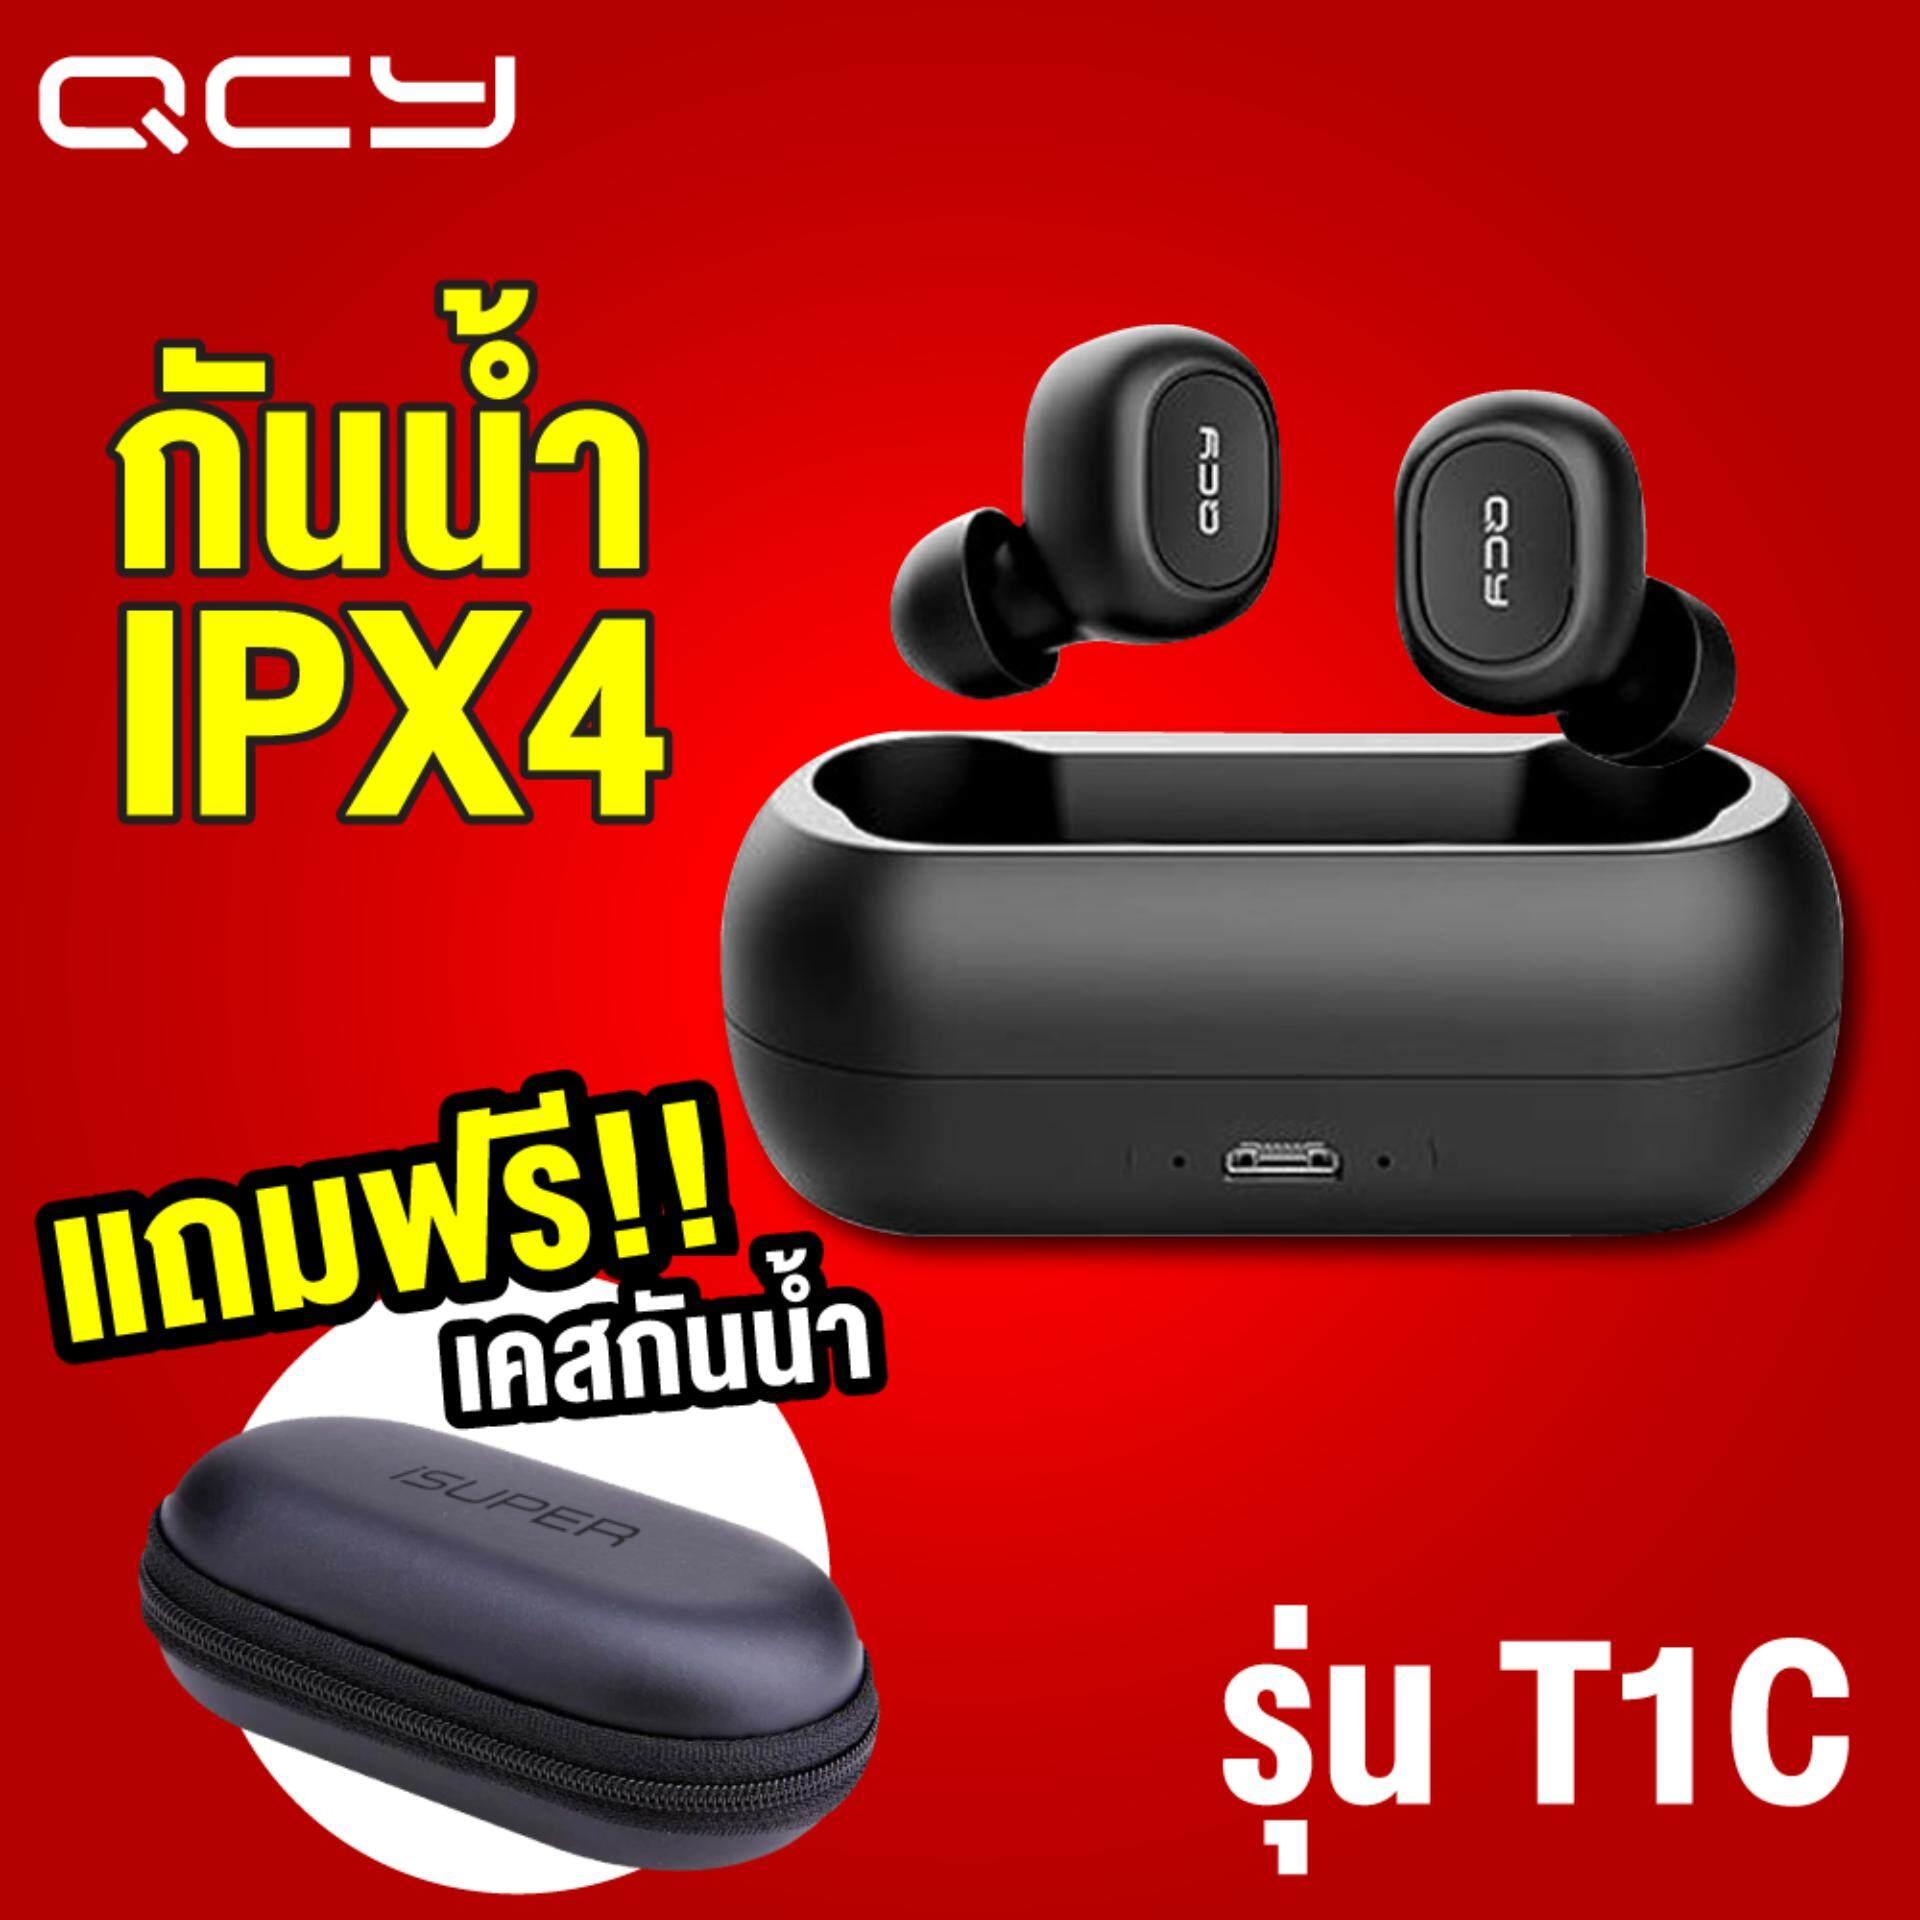 สอนใช้งาน  เลย 【แพ็คส่งใน 1 วัน】Xiaomi QCY T1 T1C TWS Bluetooth Wireless Earphones หูฟังไร้สาย (GLOBAL V.) แถมฟรี!! iSuper Soft Case [[ รับประกัน 3 เดือน ]] / Thaisuperphone